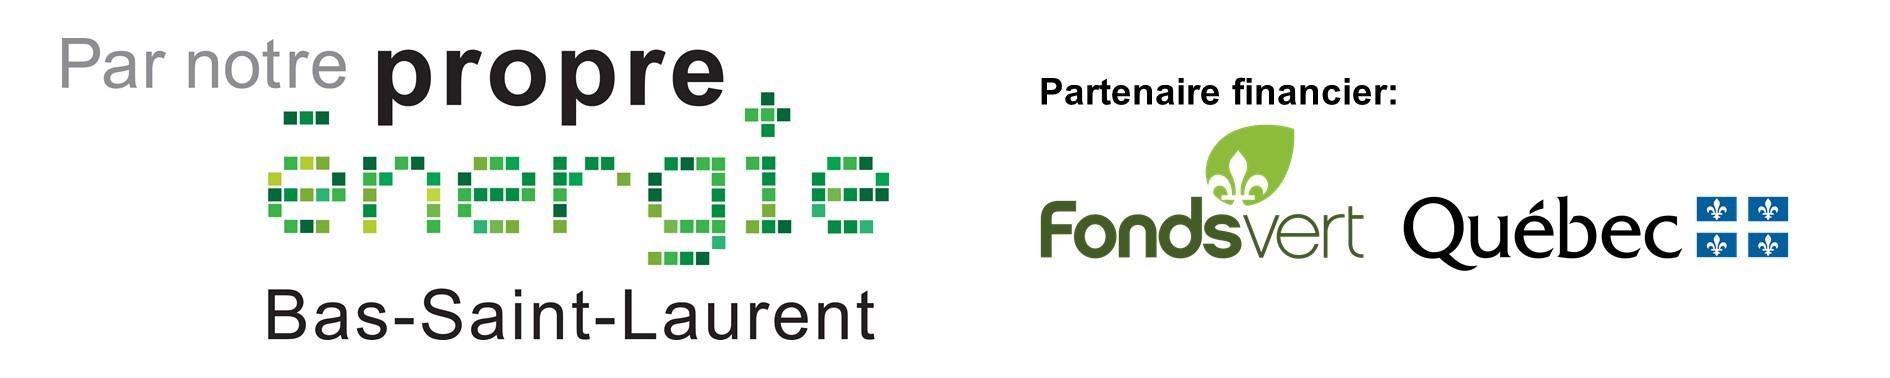 logo_PNPE_part_fin_fondsVert (Auteur : CREBSL)